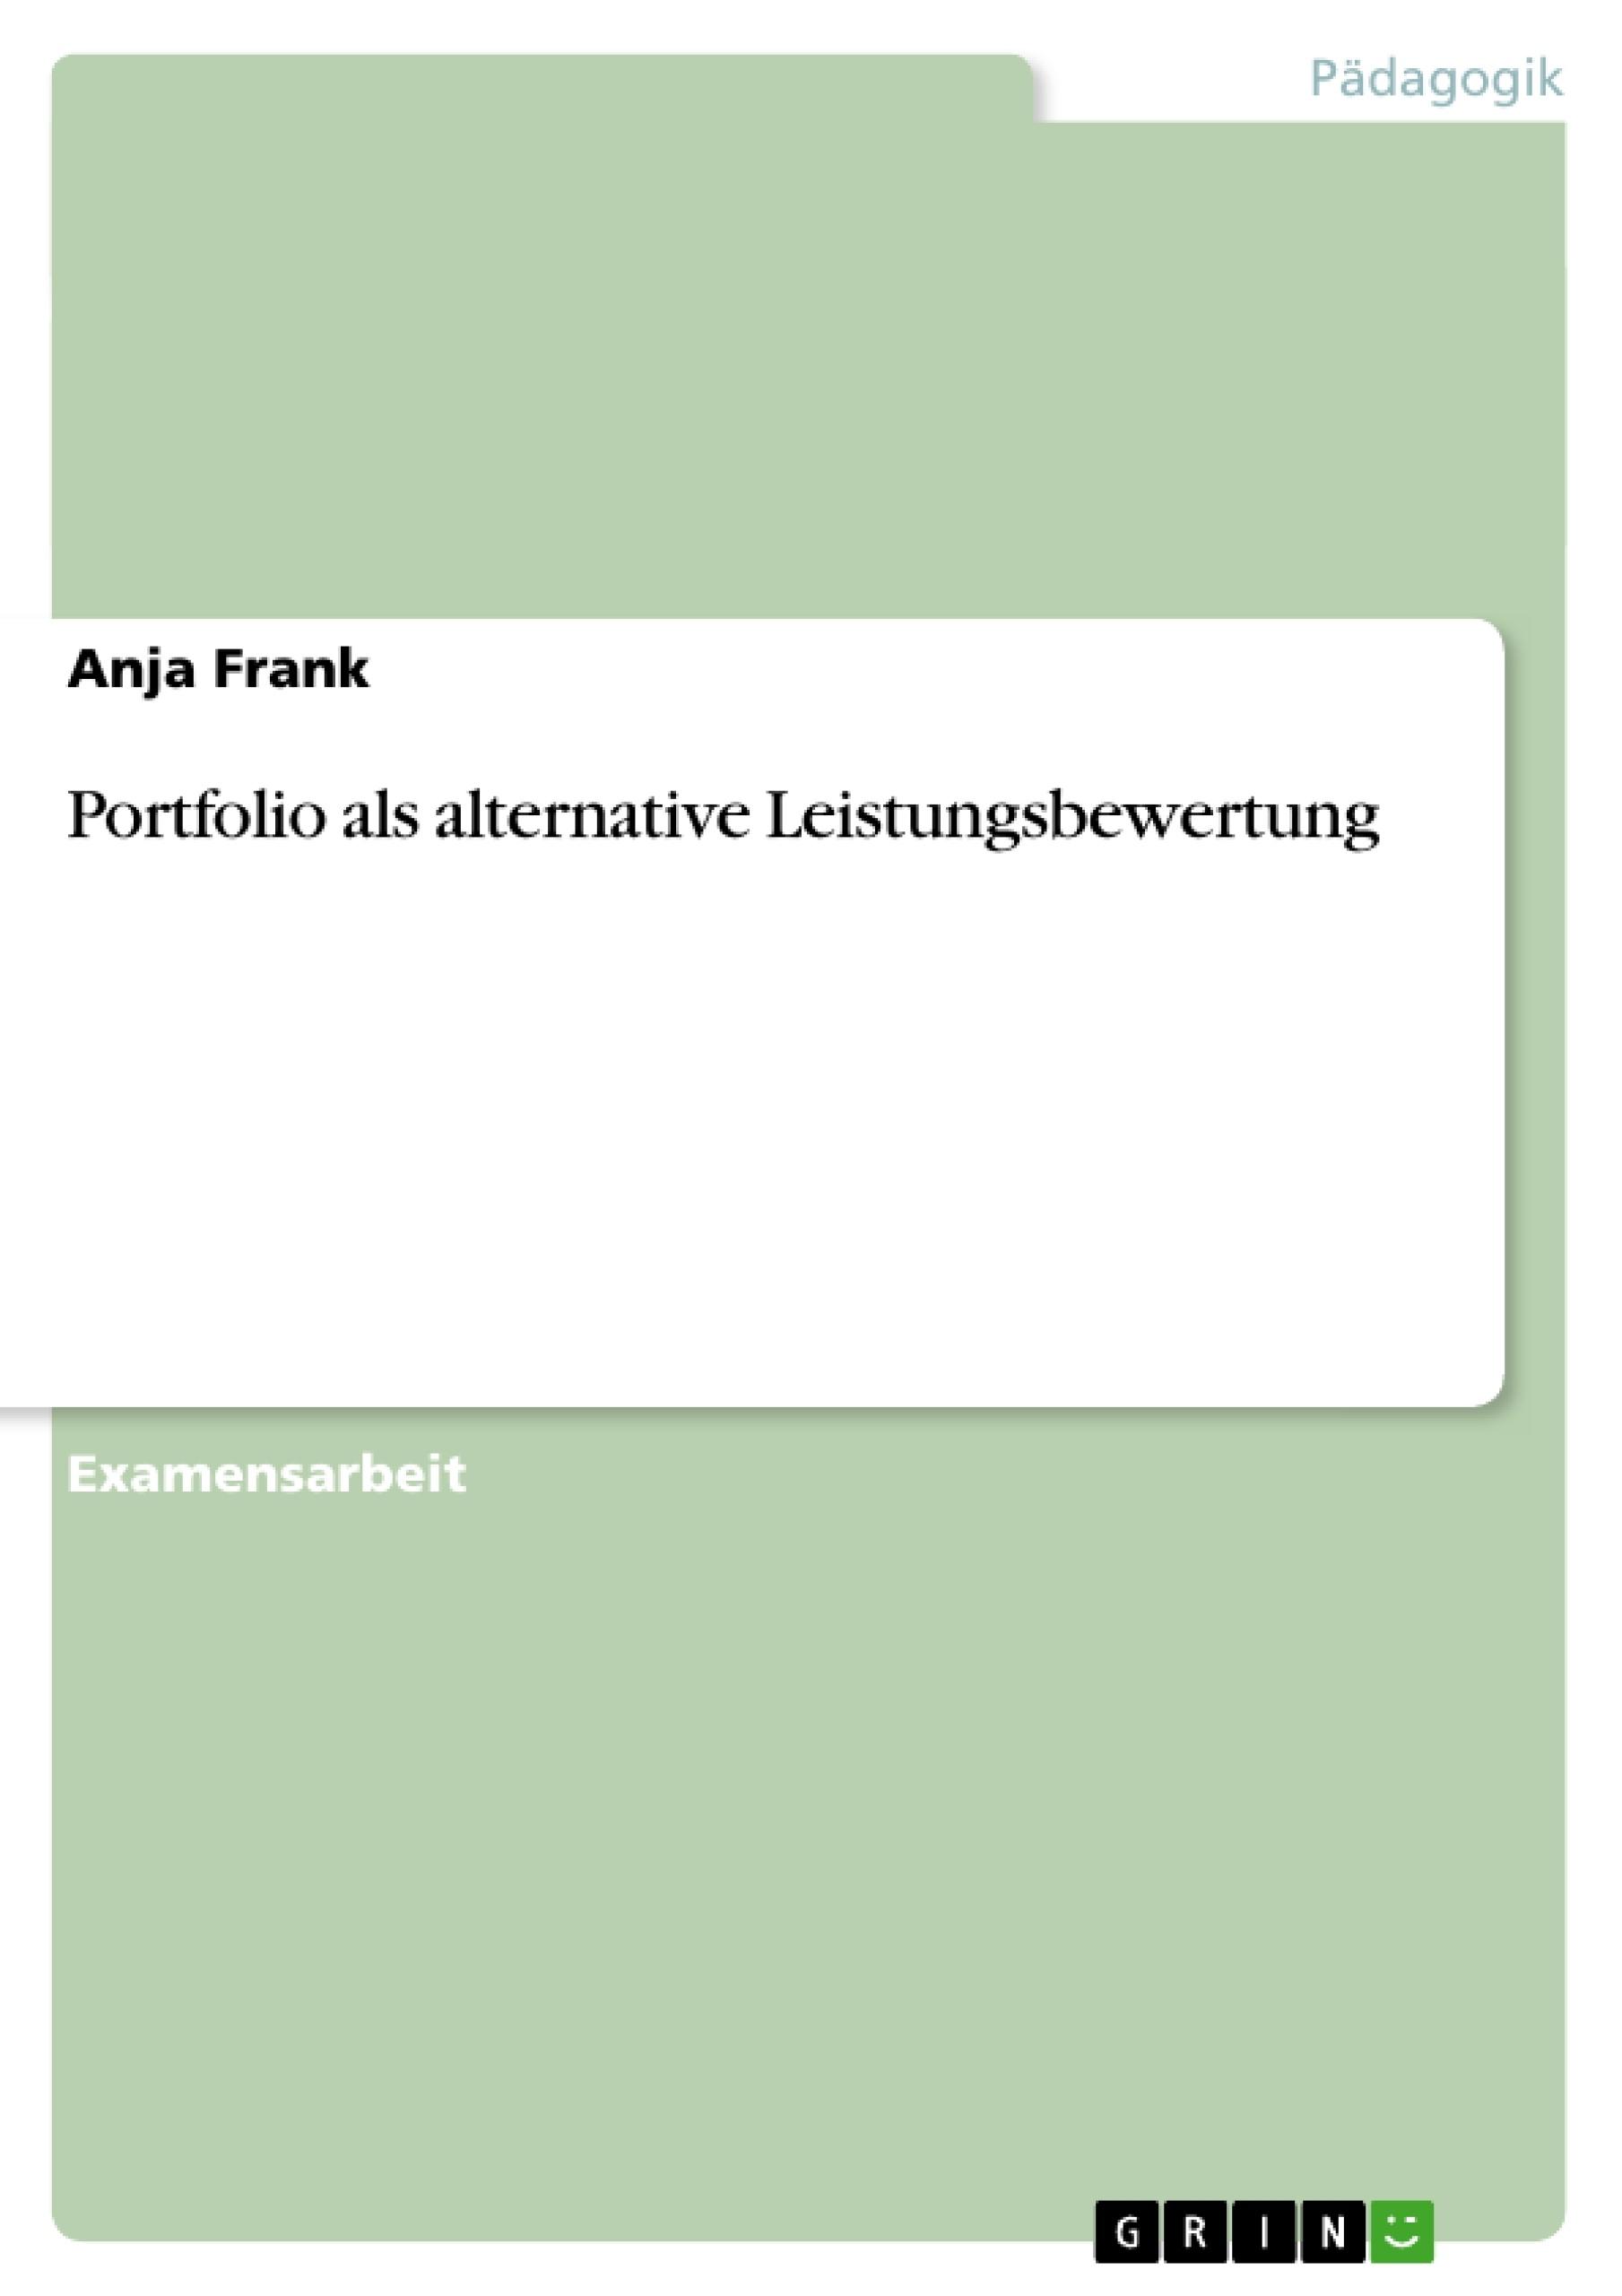 Titel: Portfolio als alternative Leistungsbewertung